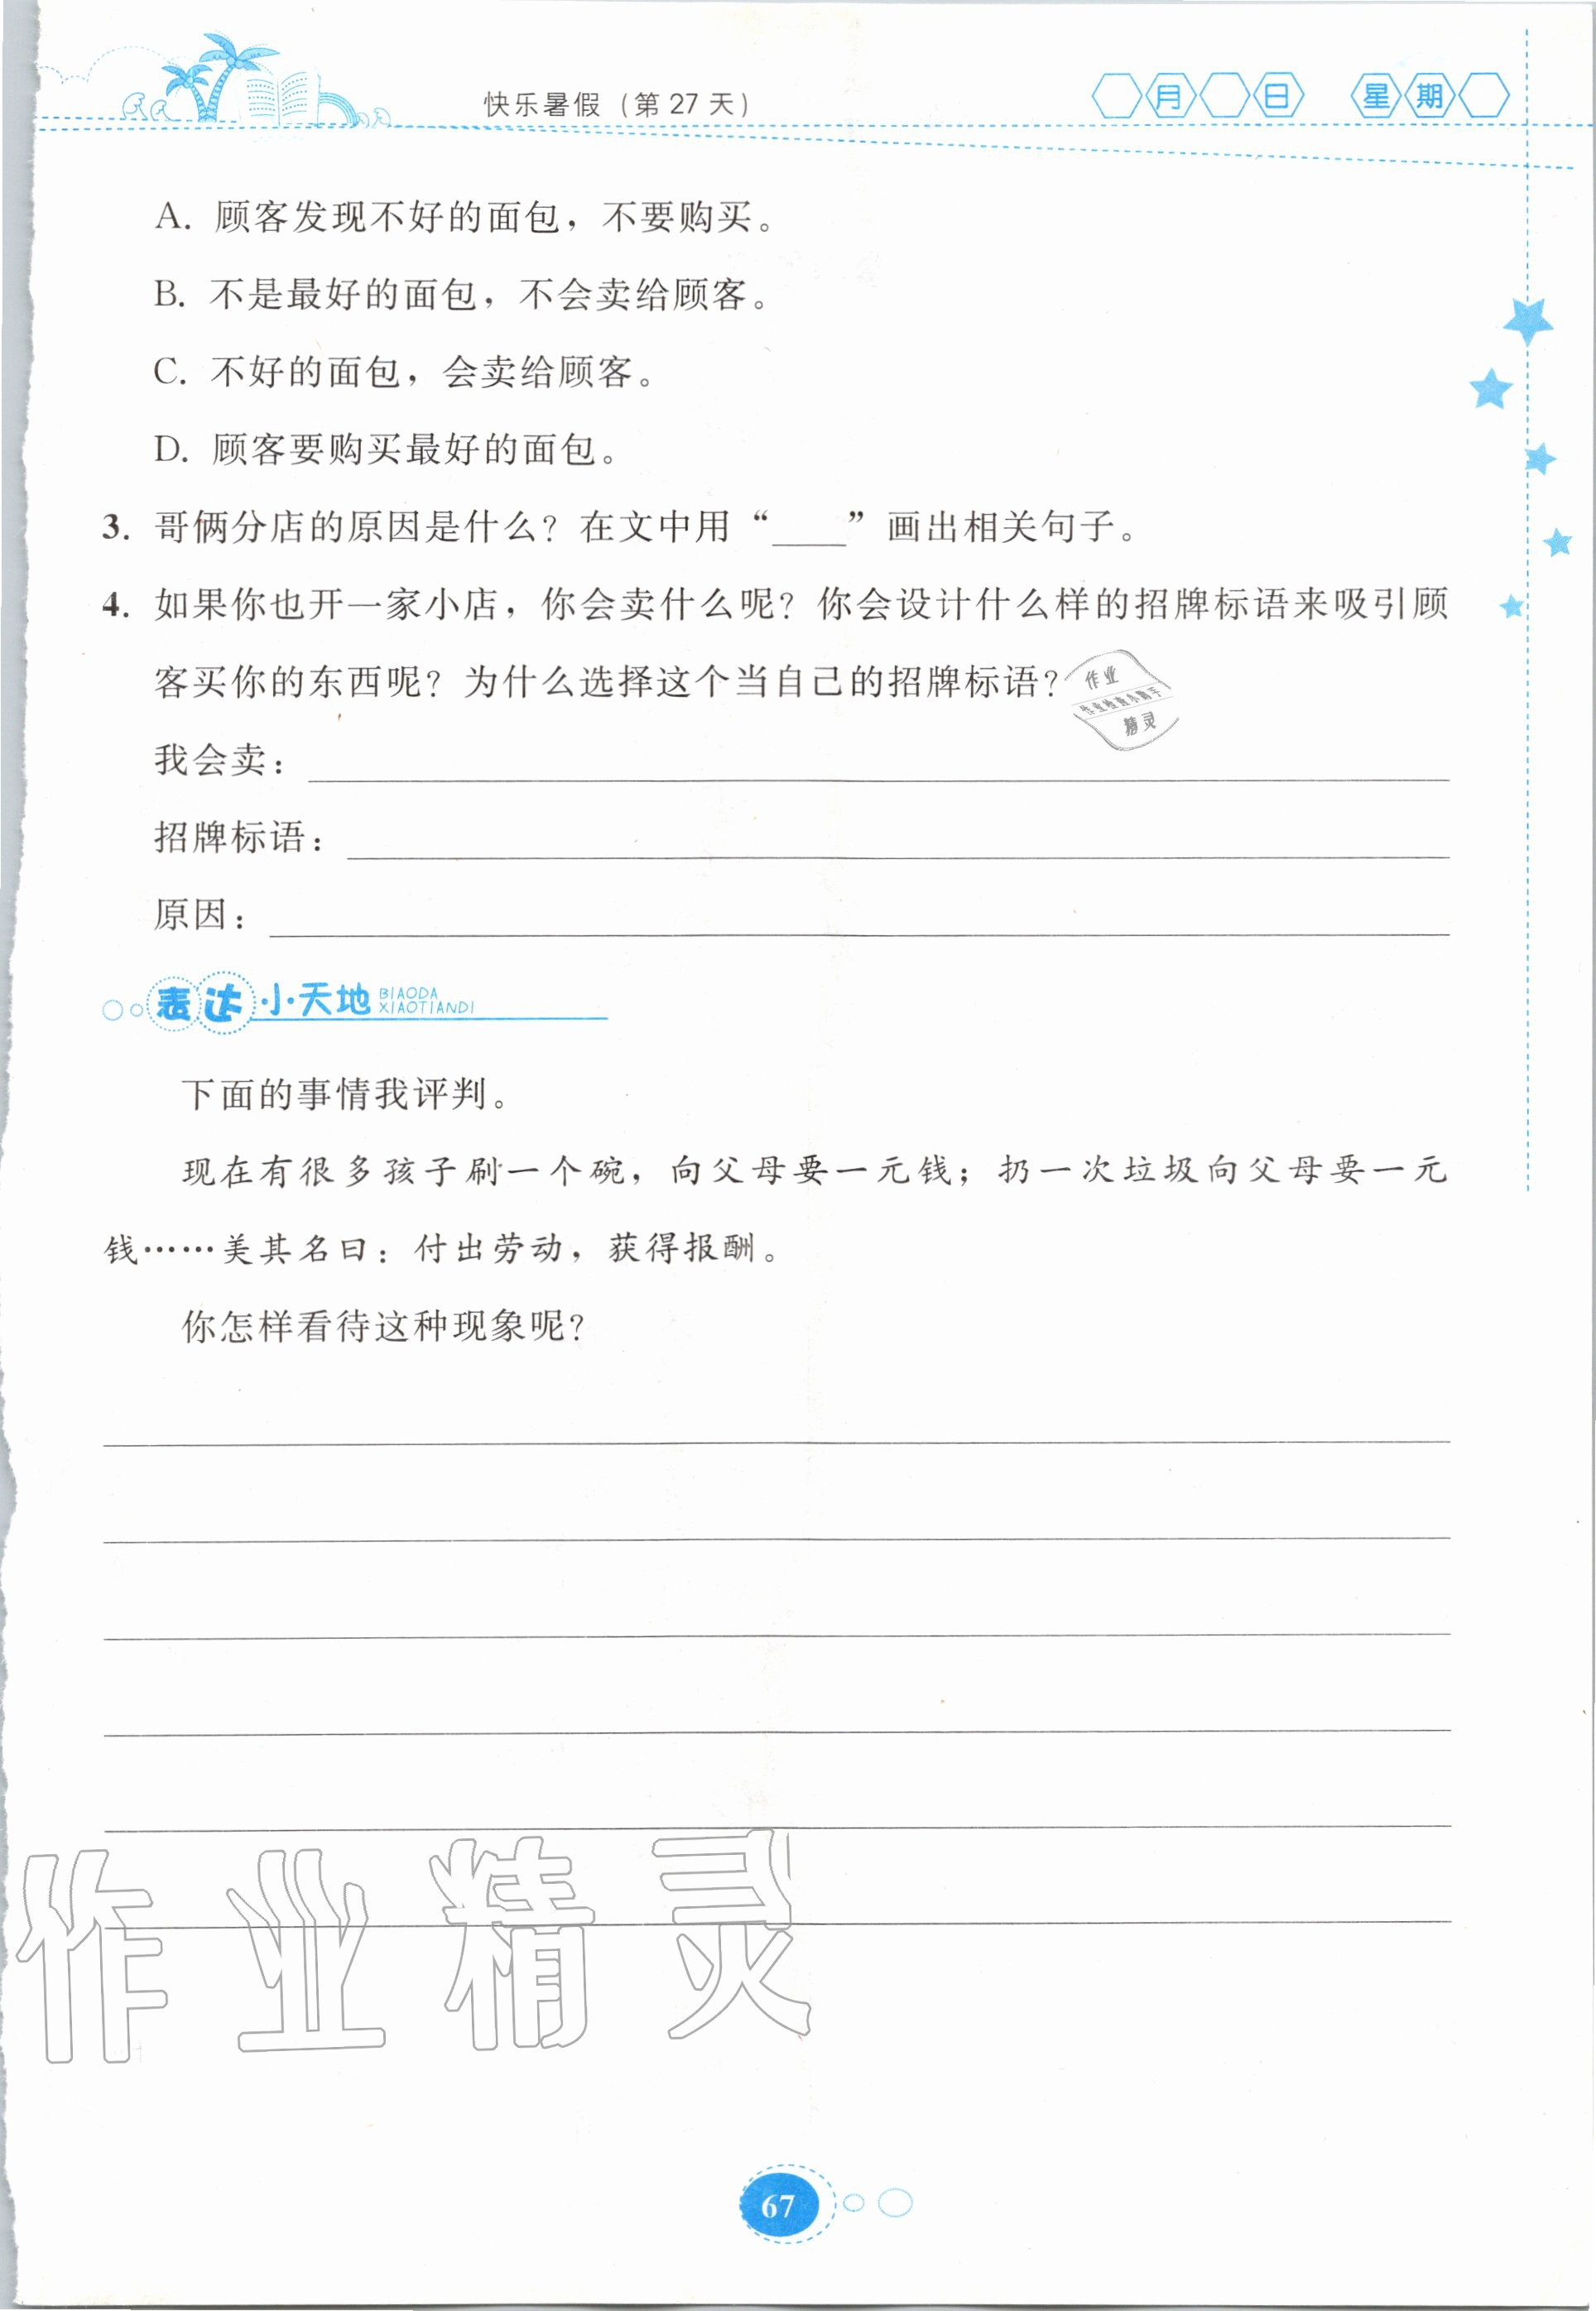 2020年暑假作業三年級語文人教版貴州人民出版社第1頁